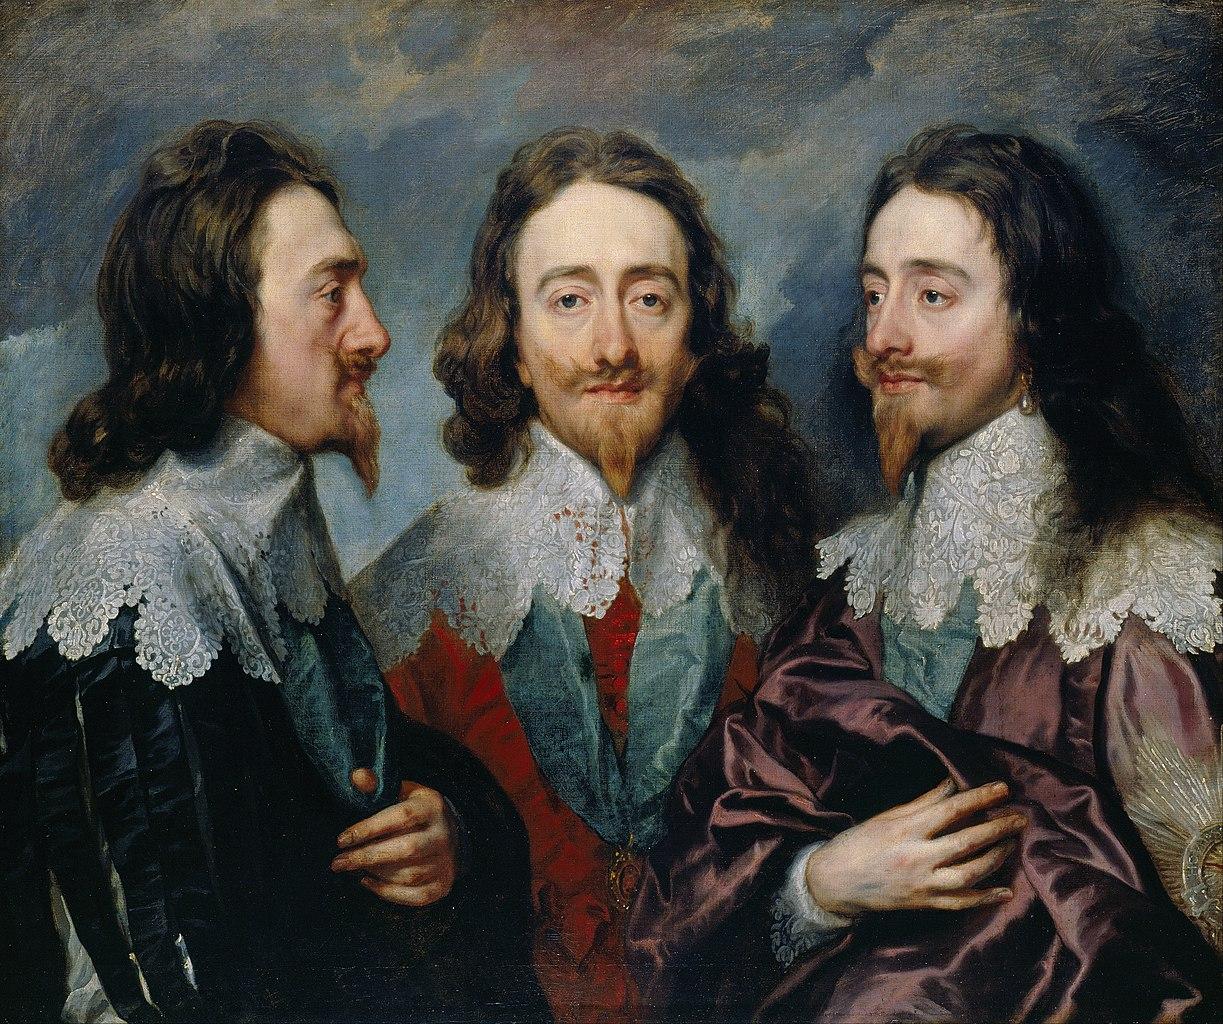 История одного шедевра: «Тройной портрет Карла I» Антониса ван Дейка